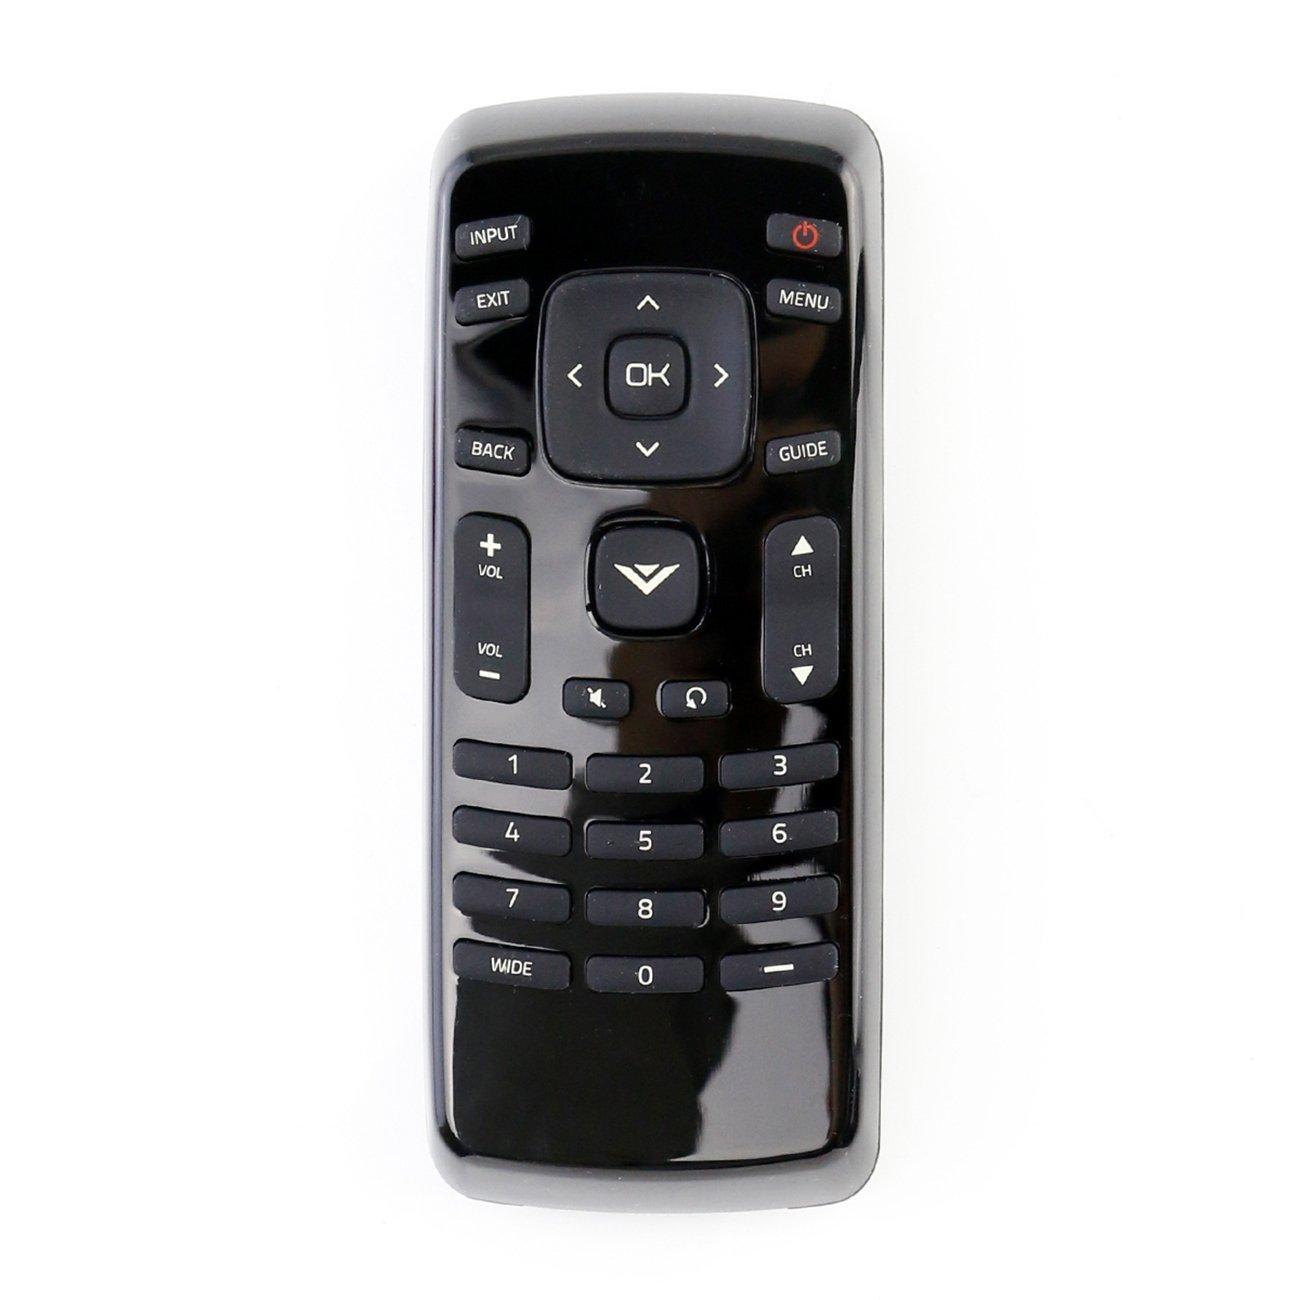 Control Remoto XRT020 UBay VIZIO Smart TV D32hn E1 E320 A...